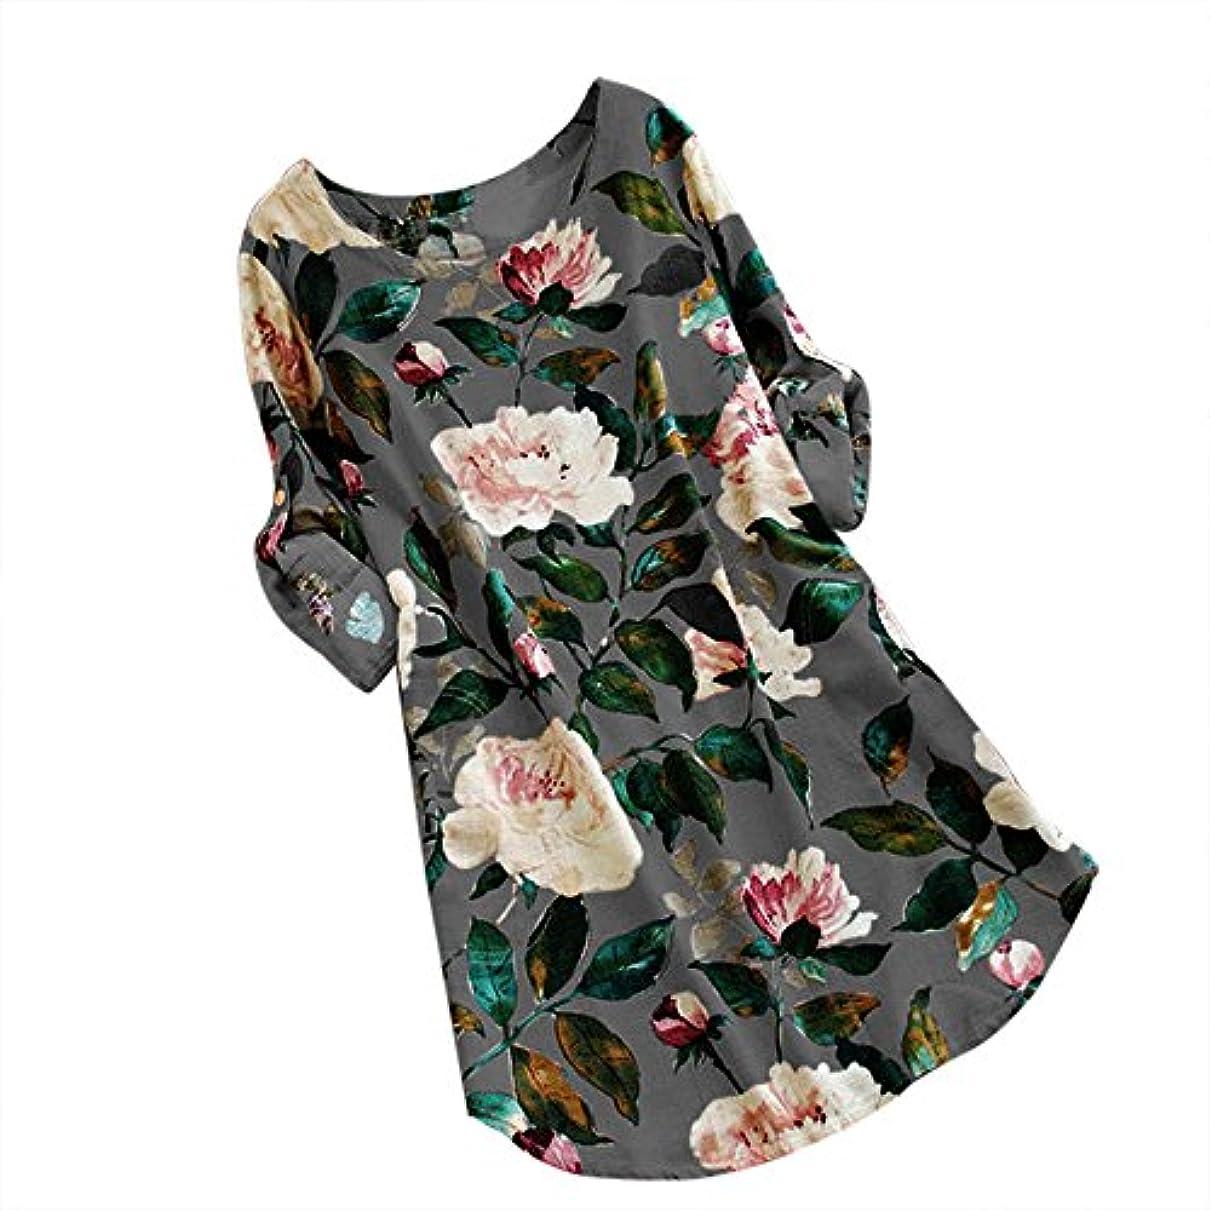 幻想的体系的にリフトワンピース レディース Rexzo 大きいサイズ 人気 花柄 綿麻スカート 袖あり 上品 リネンワンピ 膝丈 着痩せ 体型カバー ロングスカート 森ガール 癒され系 スカート 事務服 デート 日常